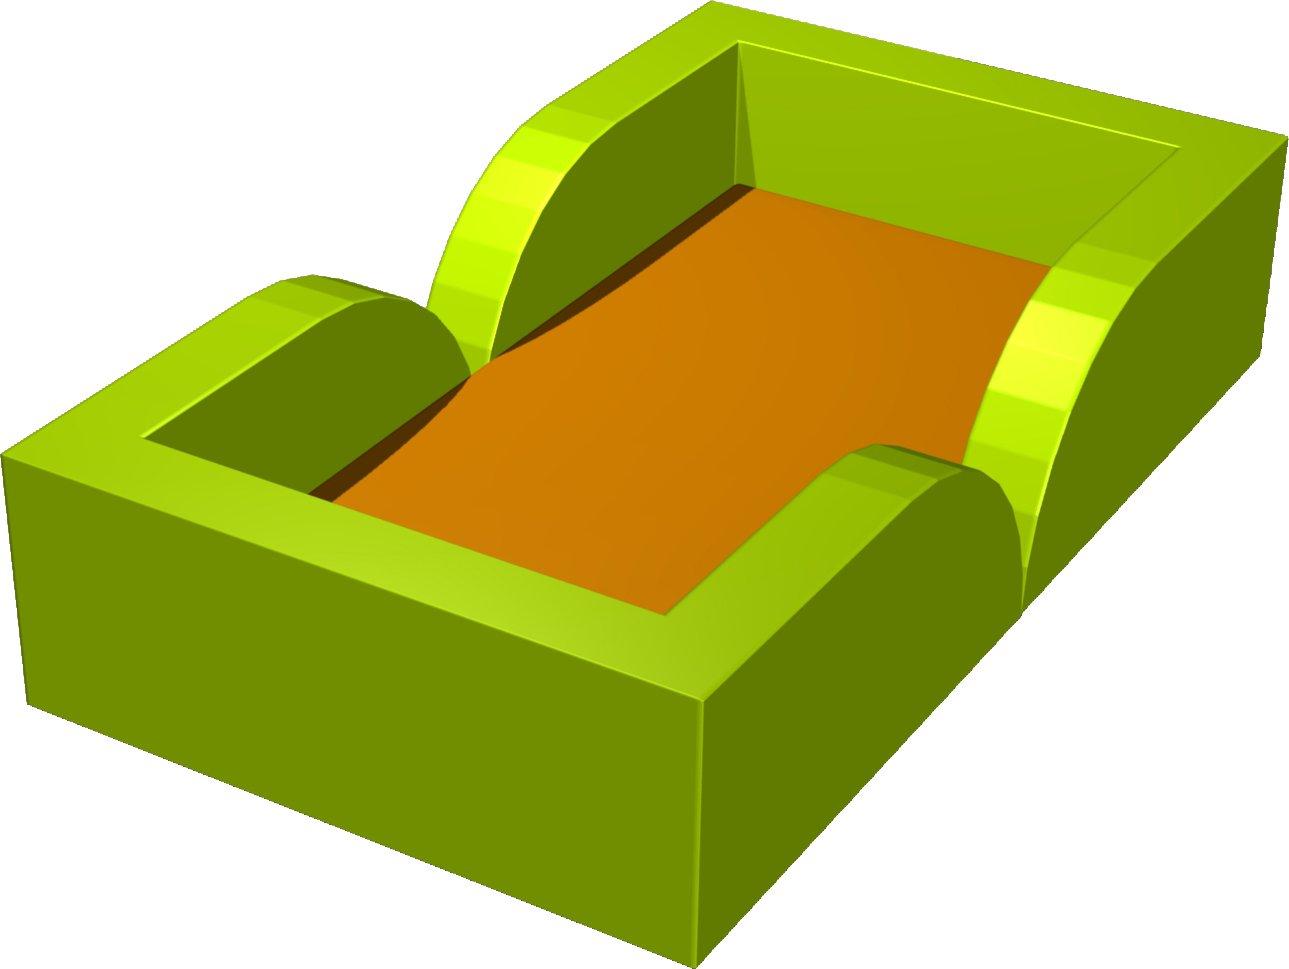 contour de matelas paisseur 10 140 x 80 x 30 cm compatible avec matelas 120 ref pue 7 2. Black Bedroom Furniture Sets. Home Design Ideas